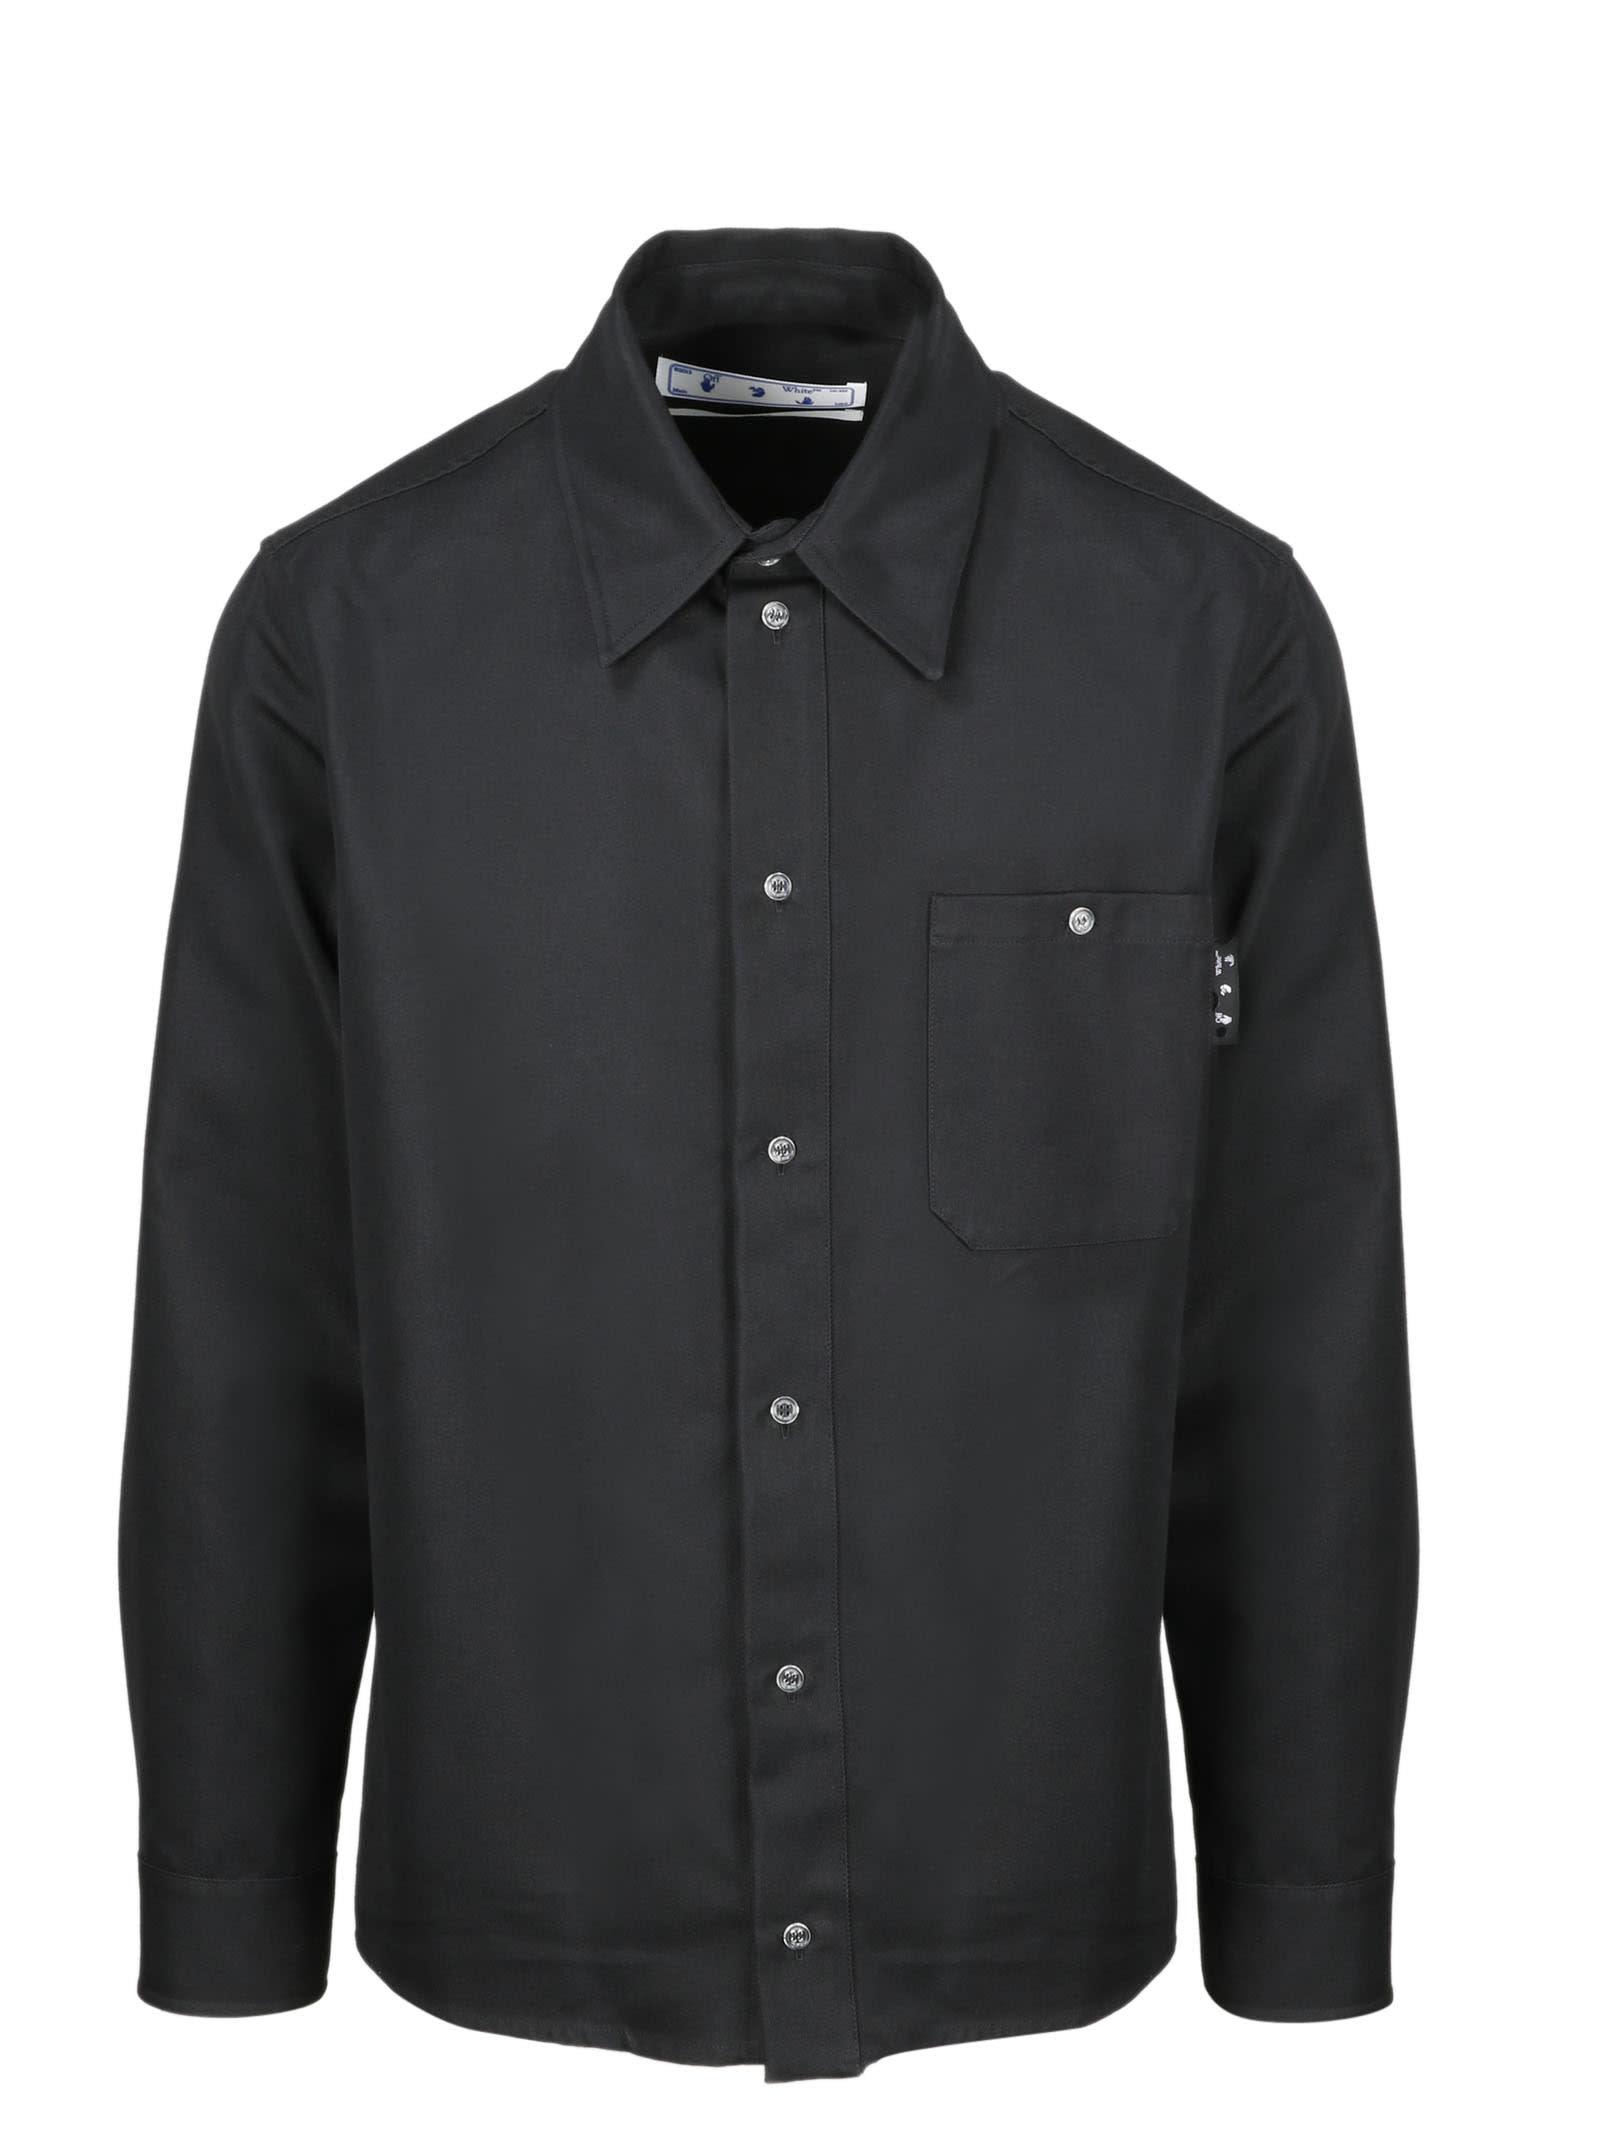 Off-White Ow Logo Work Shirt Black White